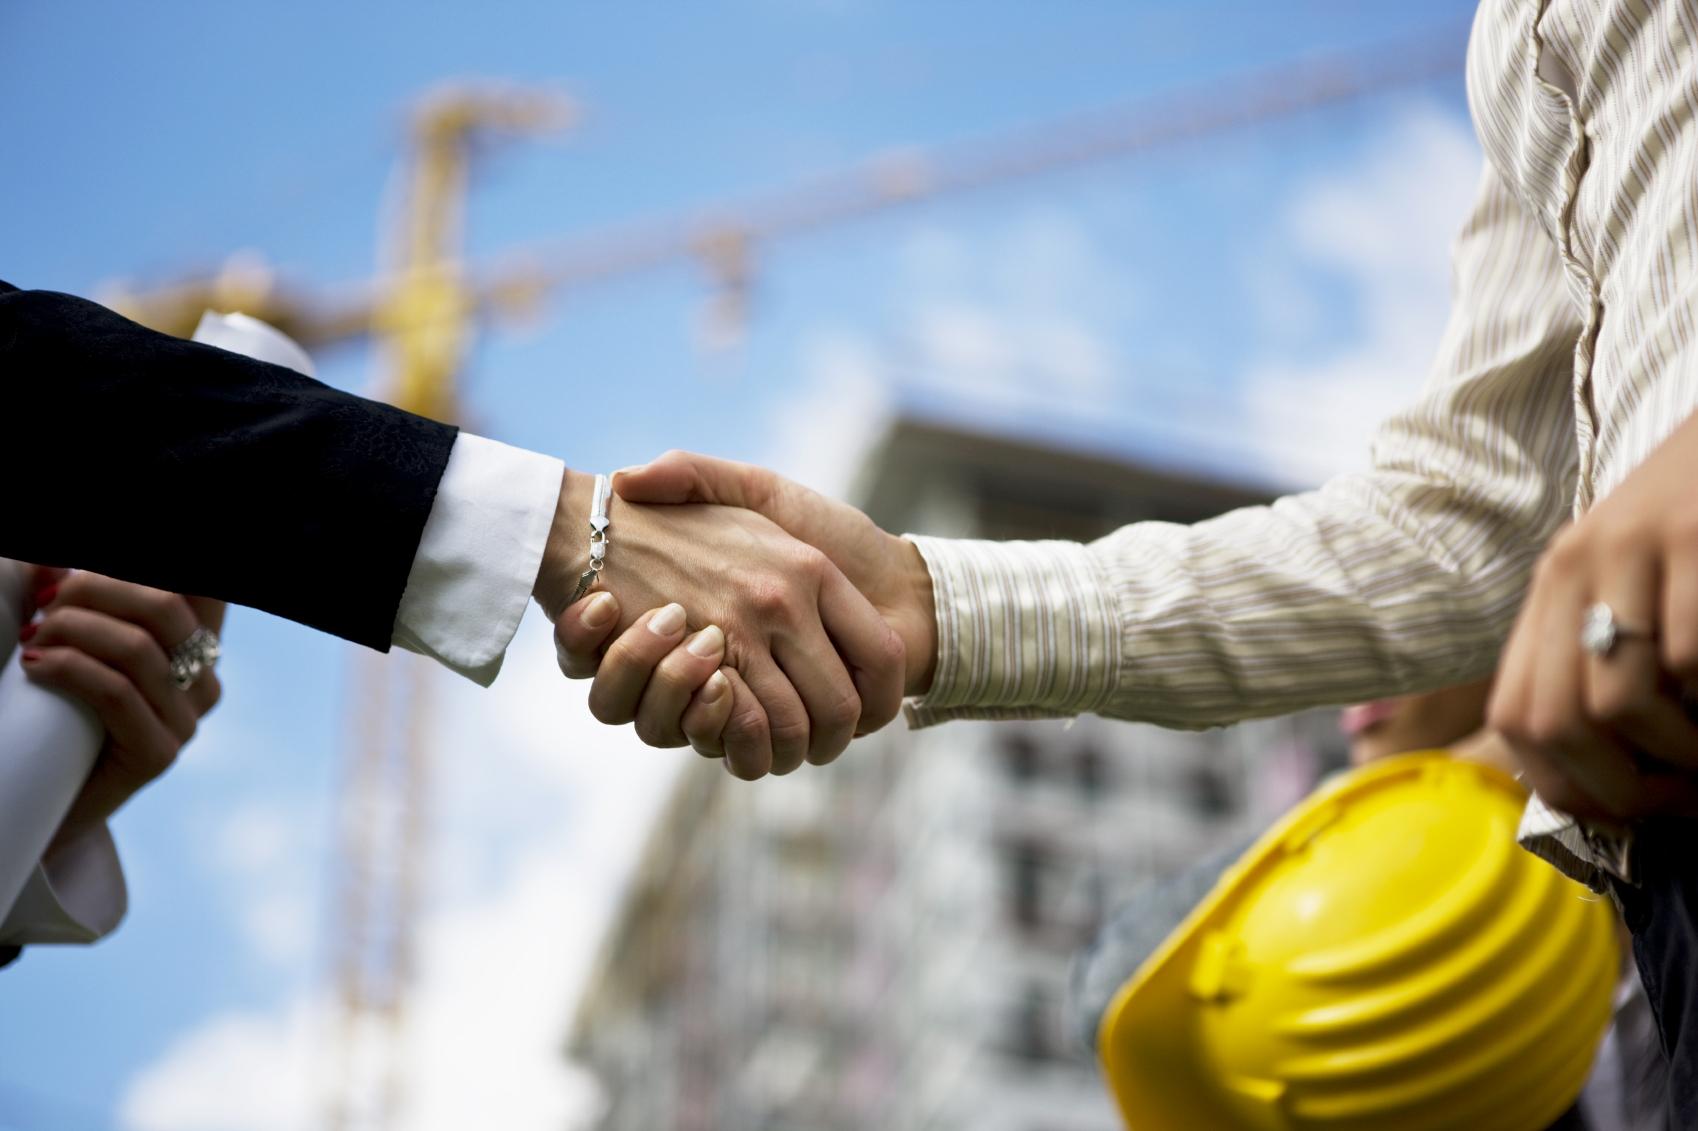 Travaux dans les parties communes et privatives : pour une bonne exécution des travaux